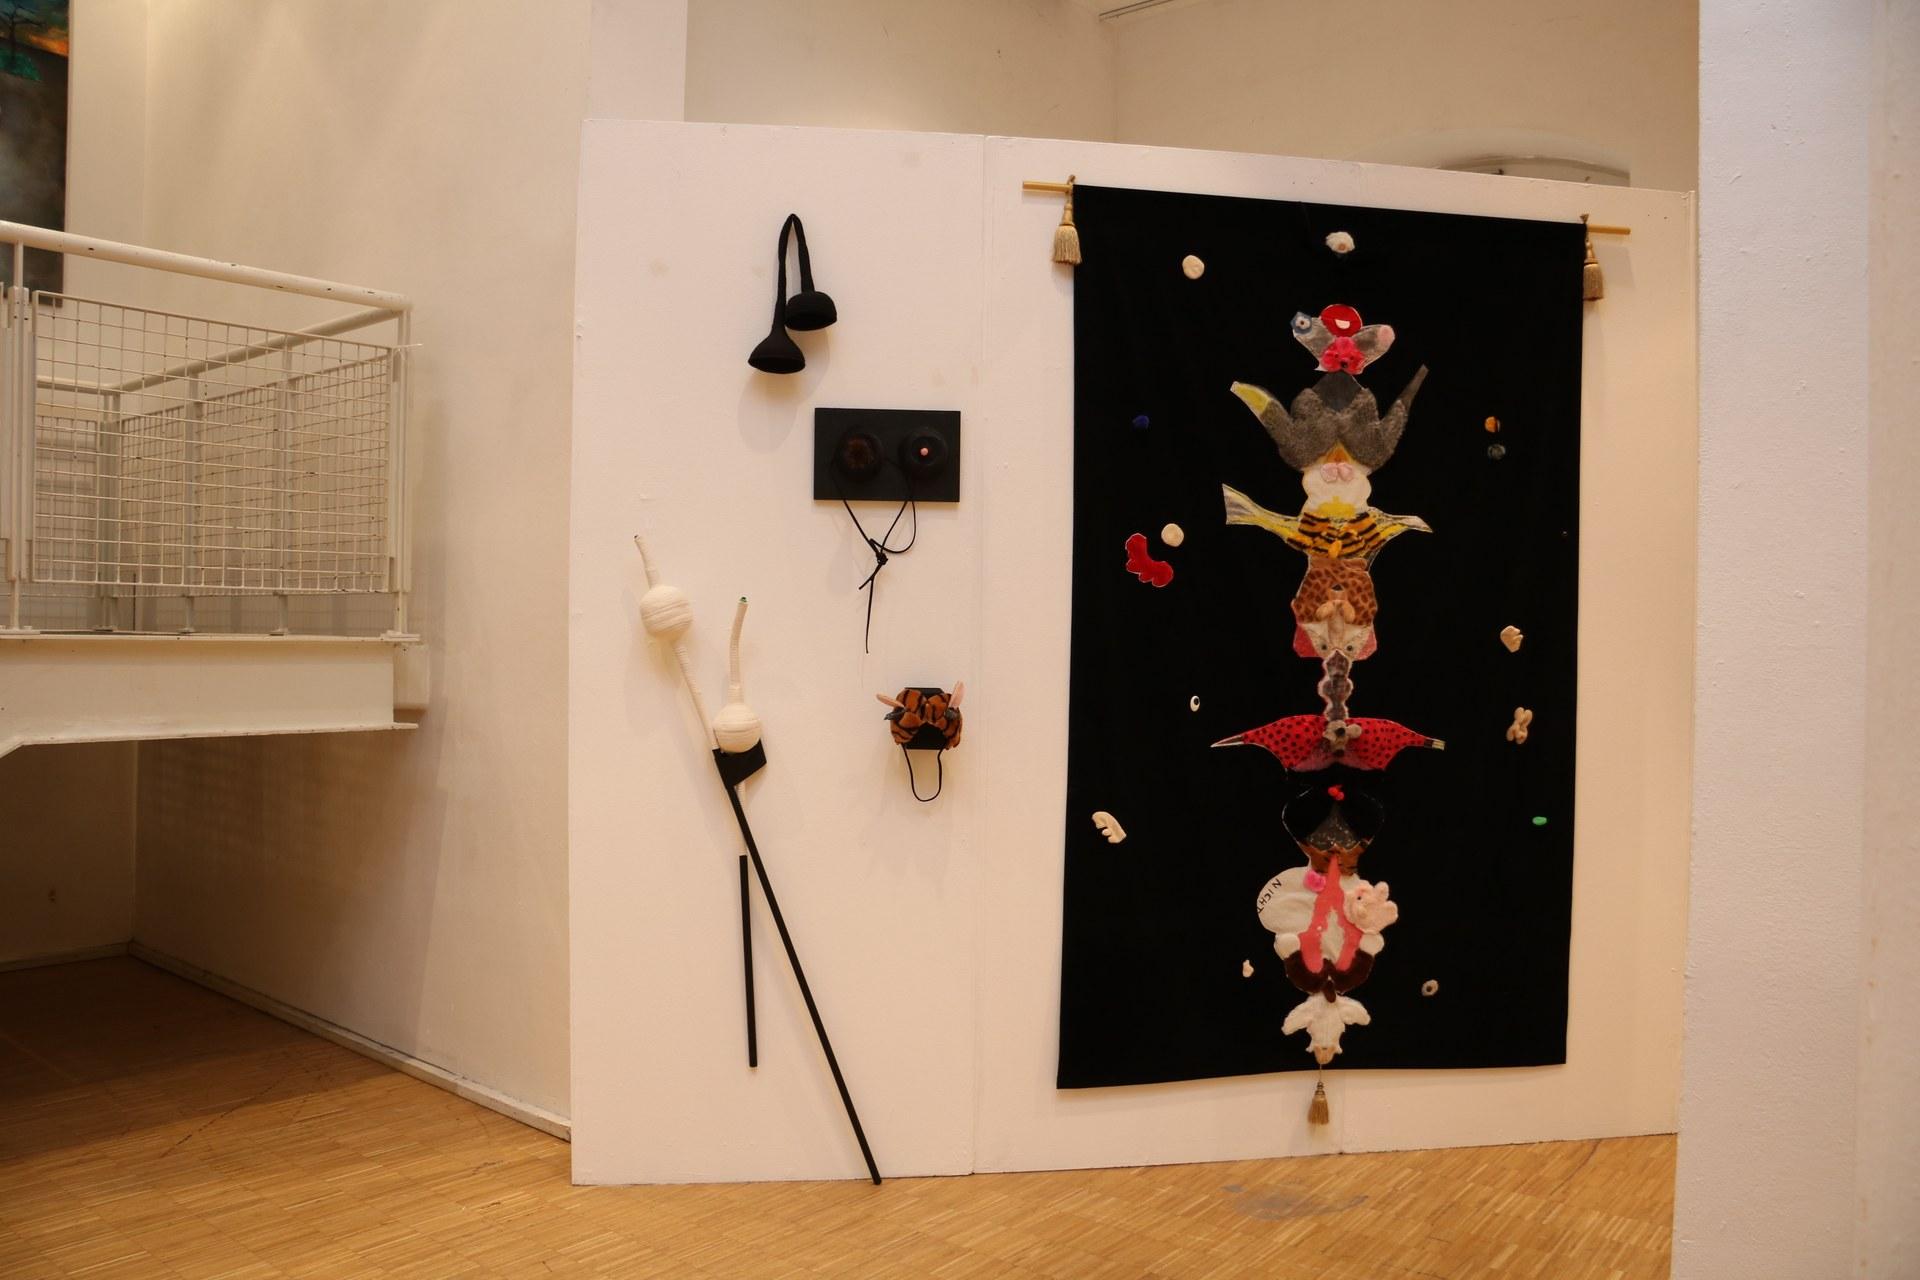 """""""Wo ist die Maus?"""" von Helga Weidenmüller. Die Besucher können hier selbst aktiv werden und auf die Suche nach der Maus gehen."""